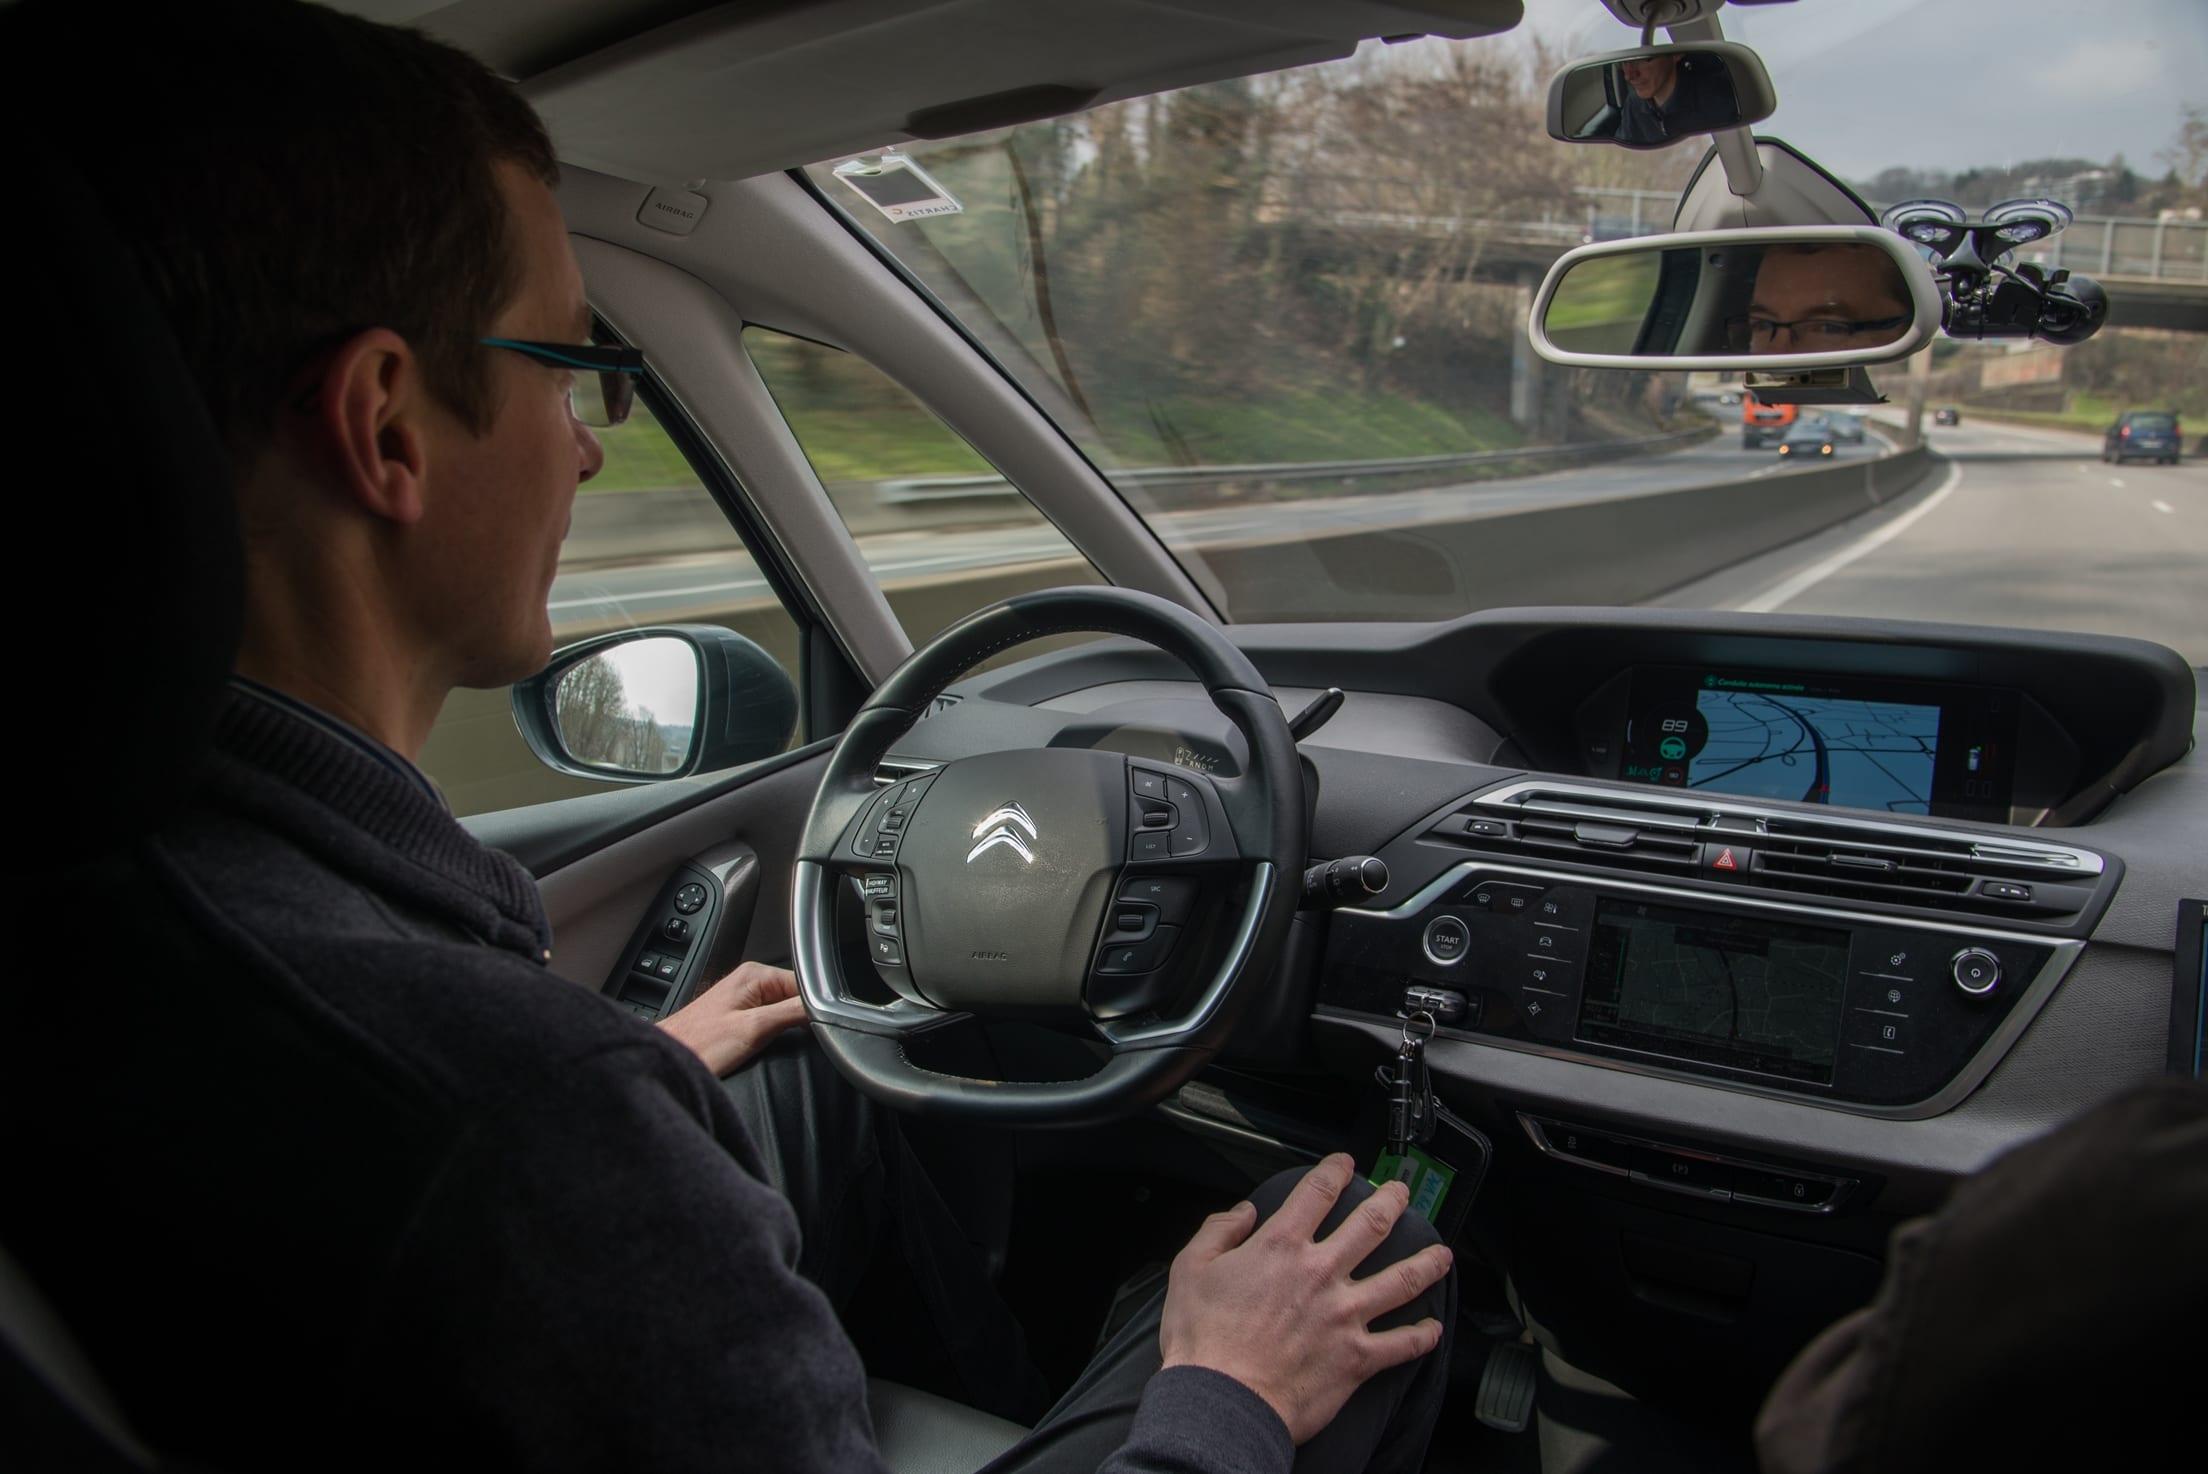 Grupa PSA chce być pionierem w Europie w dziedzinie autonomicznej jazdy.